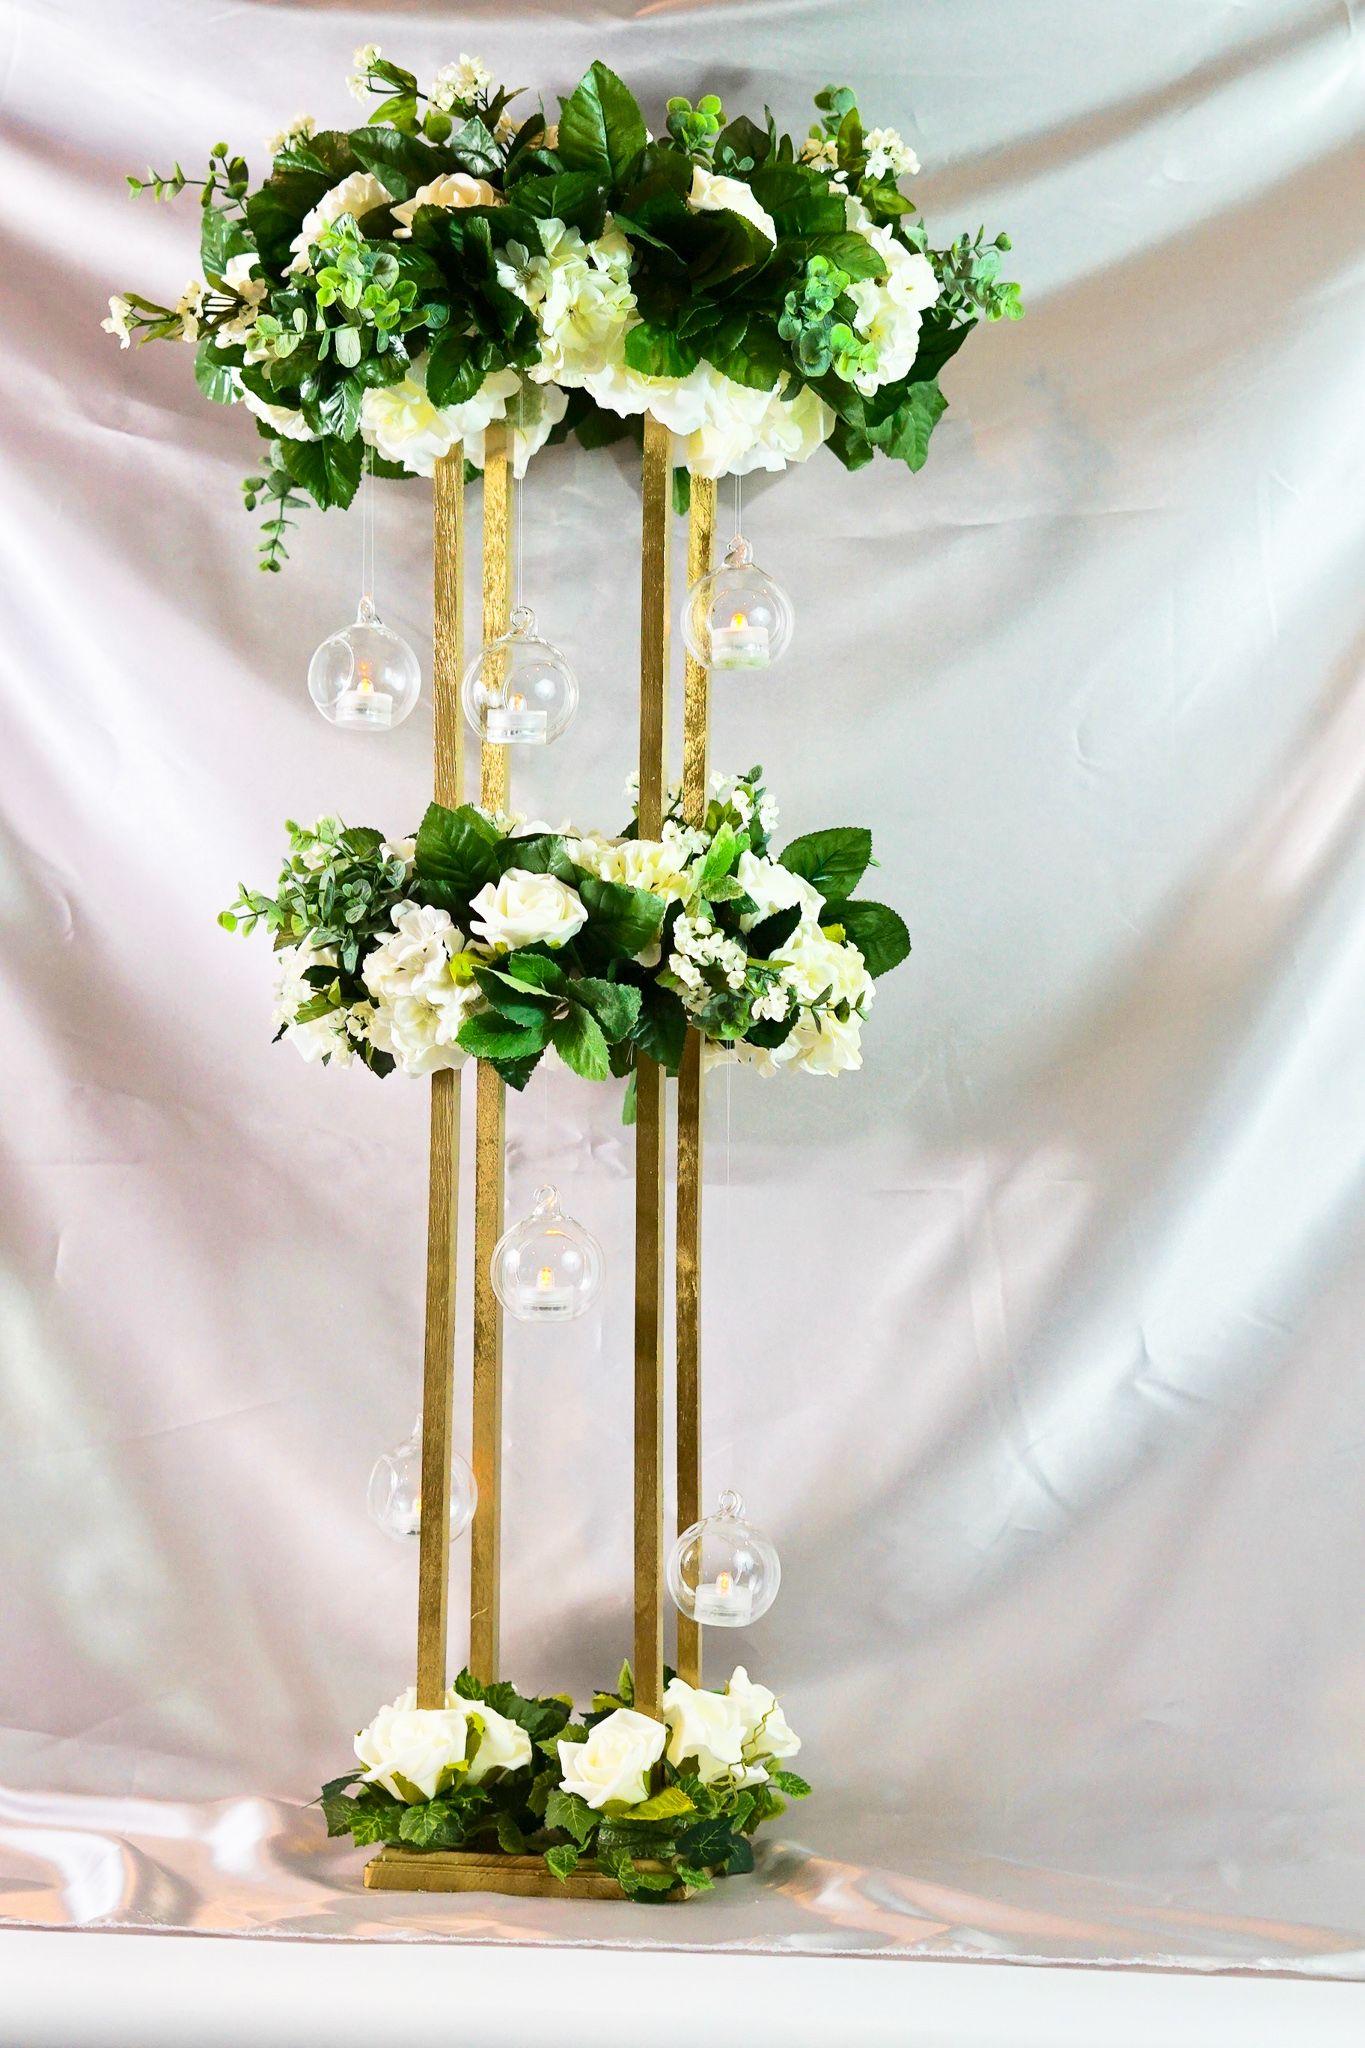 How To Make A Tall Circle Rose Garden Wedding Centerpiece ...